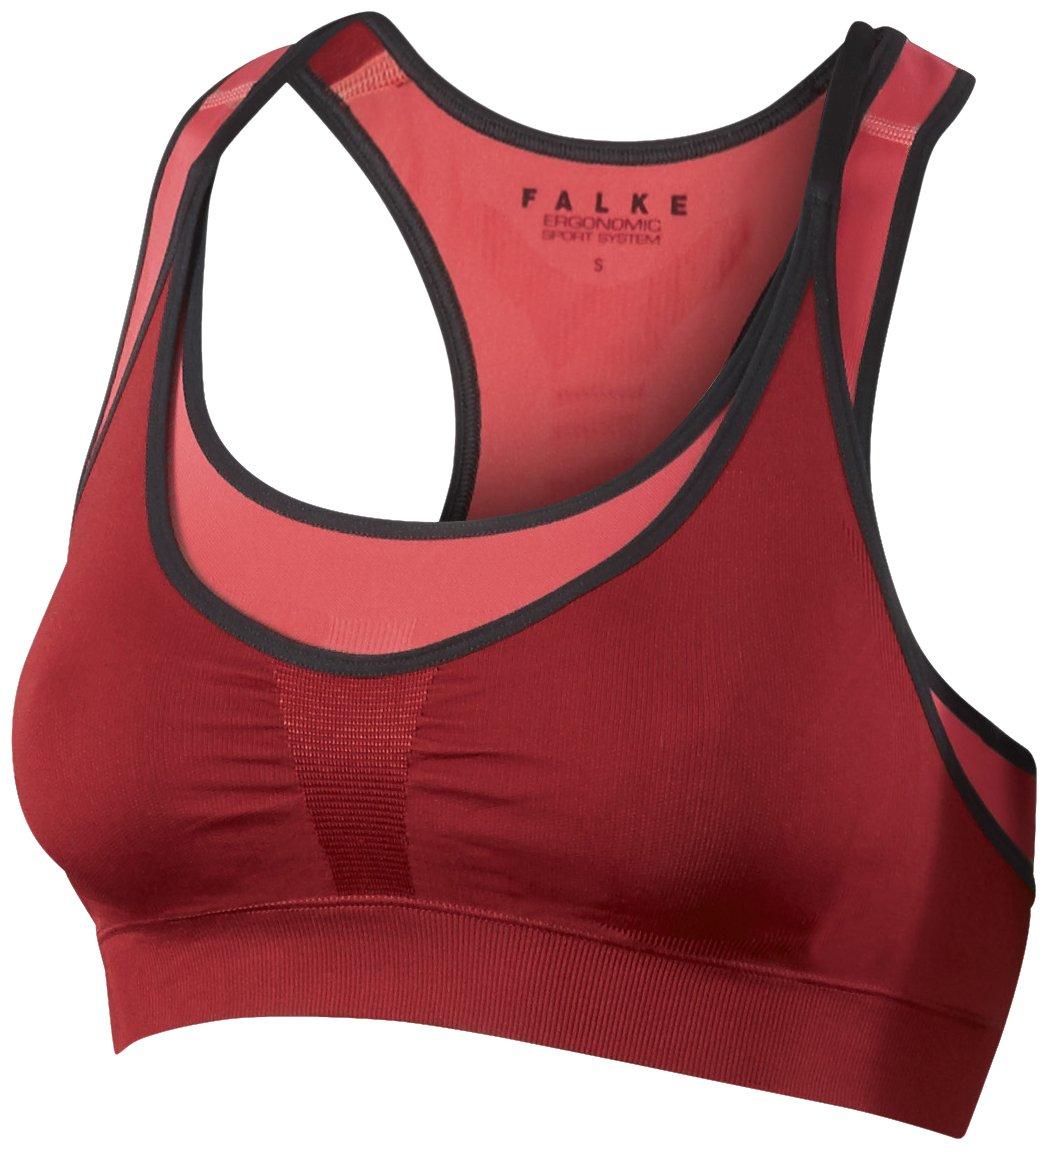 FALKE Sport Bh Bra-Top Medium Support - Ropa interior deportiva para mujer, color rojo, talla S